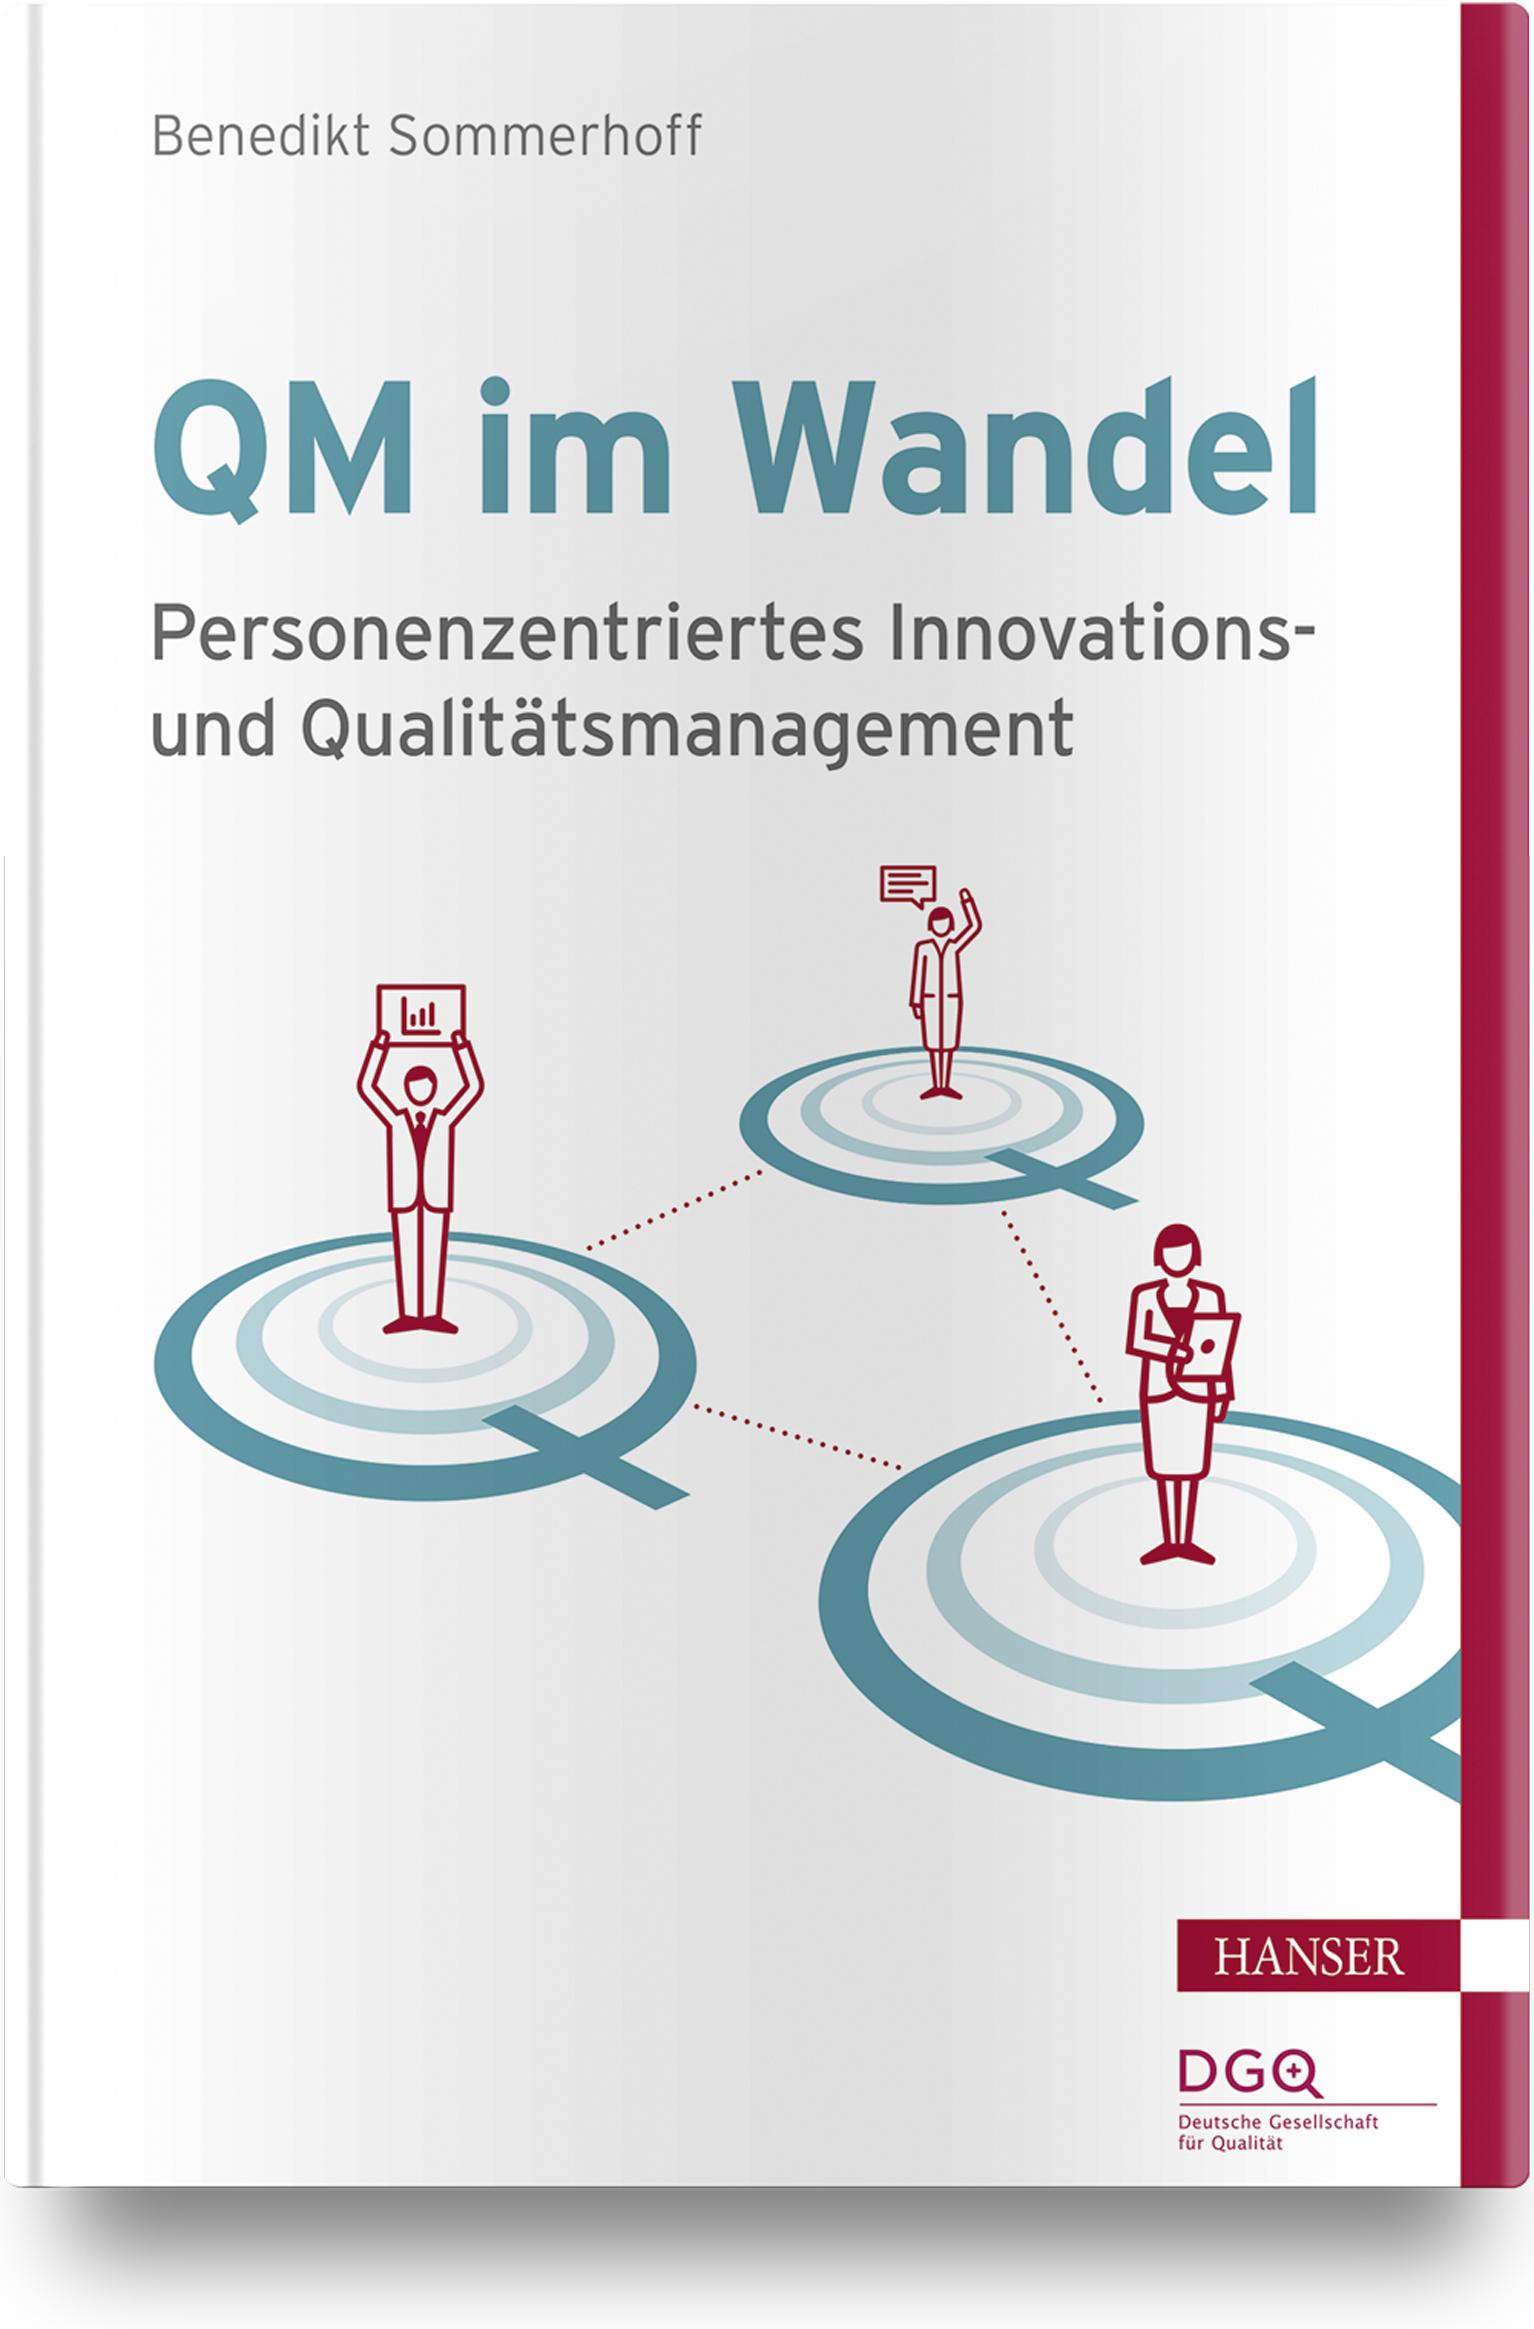 Sommerhoff, Personenzentriertes Innovations- und Qualitätsmanagement, 978-3-446-45573-3